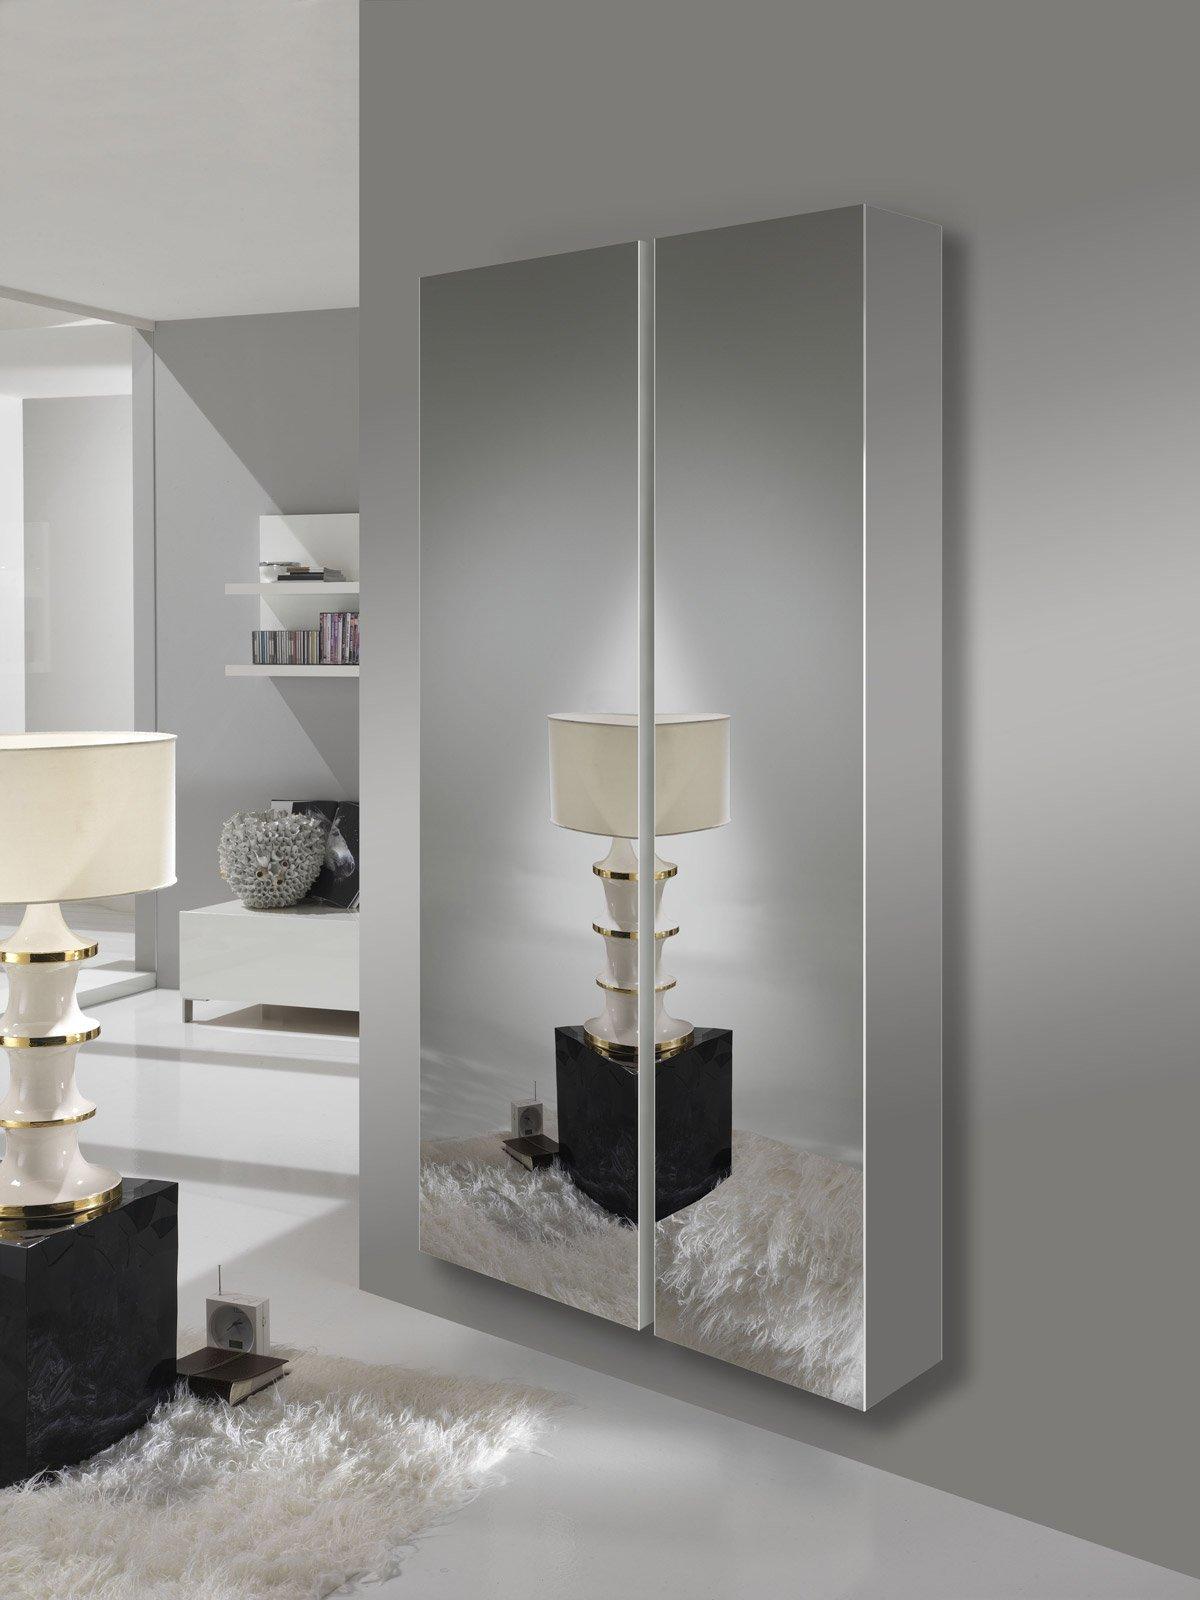 Isaloni 2015 armadi cabine cassettiere tutti da esibire cose di casa - Scarpiera con specchio ...